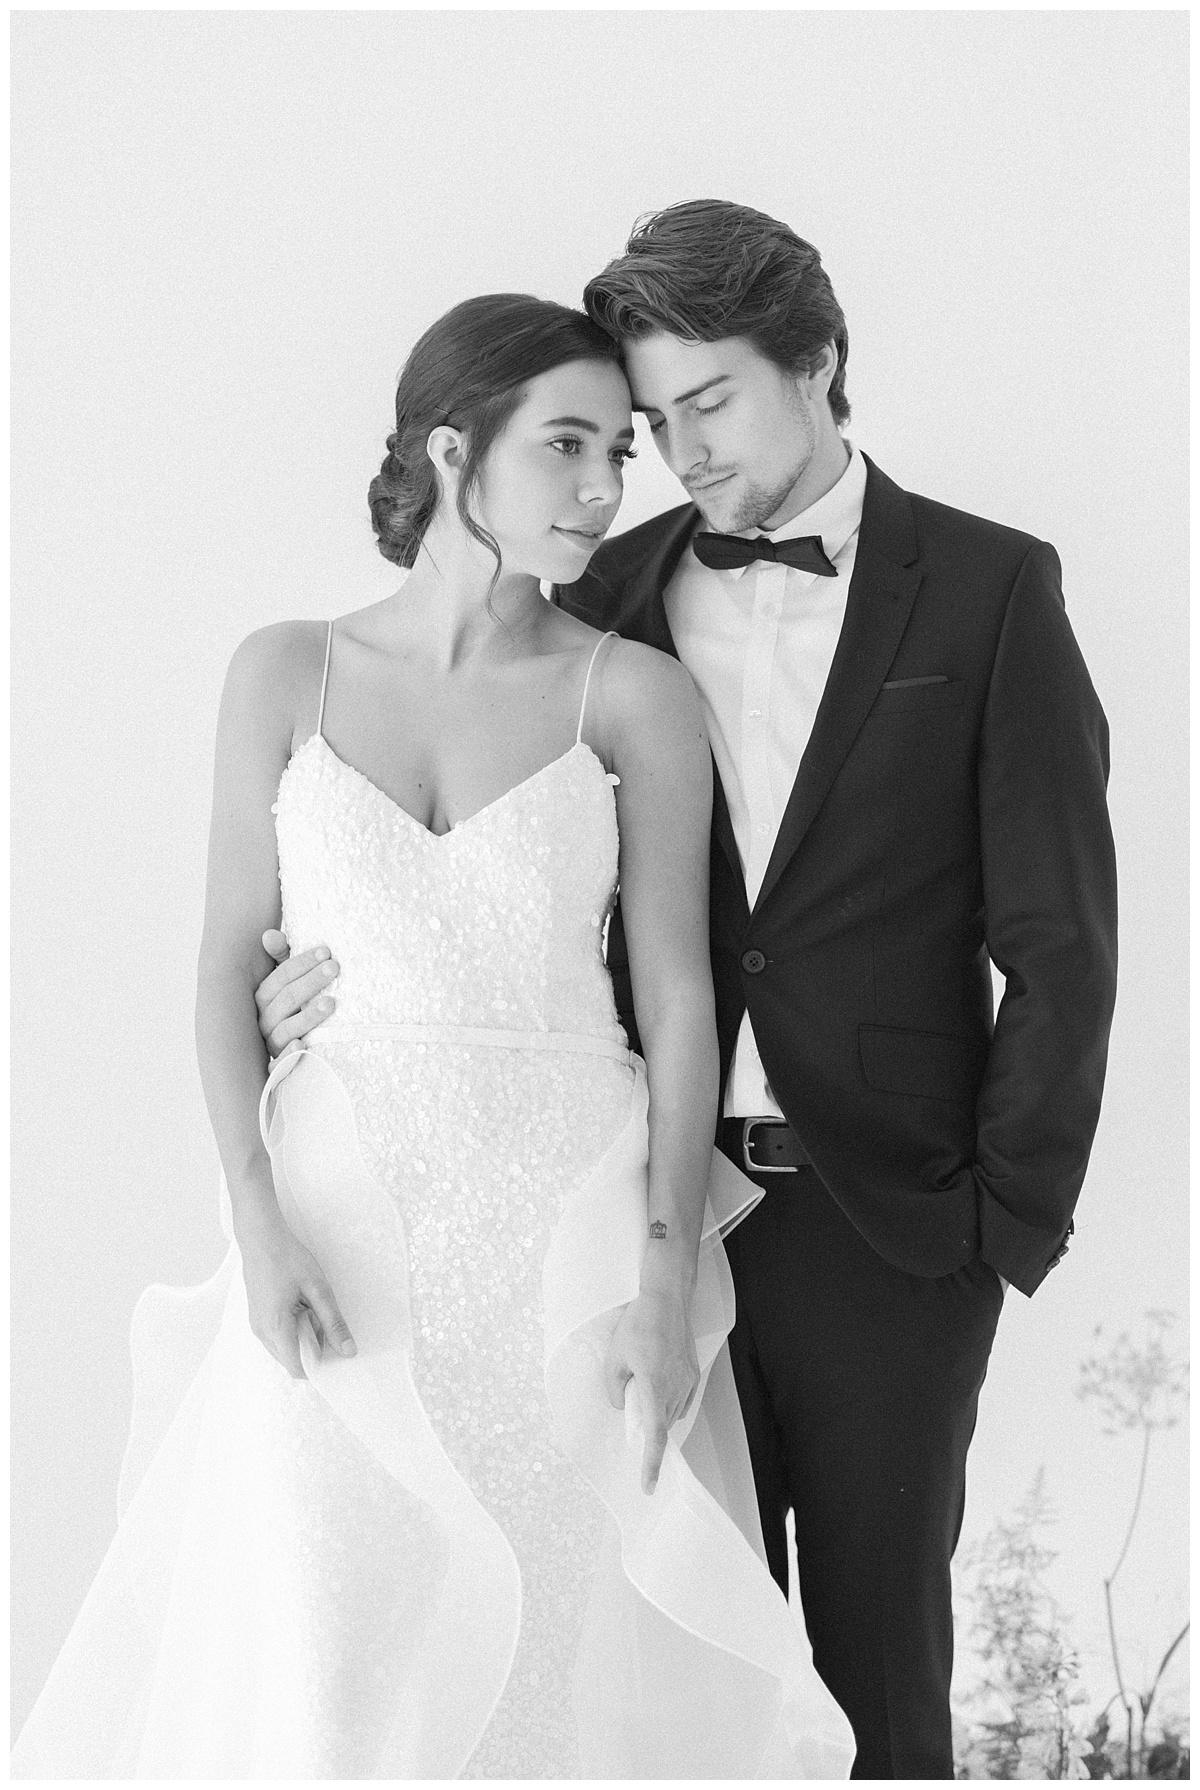 Hong Kong Fine Art Wedding Prewedding Photographer Mattie C. 00065.jpg